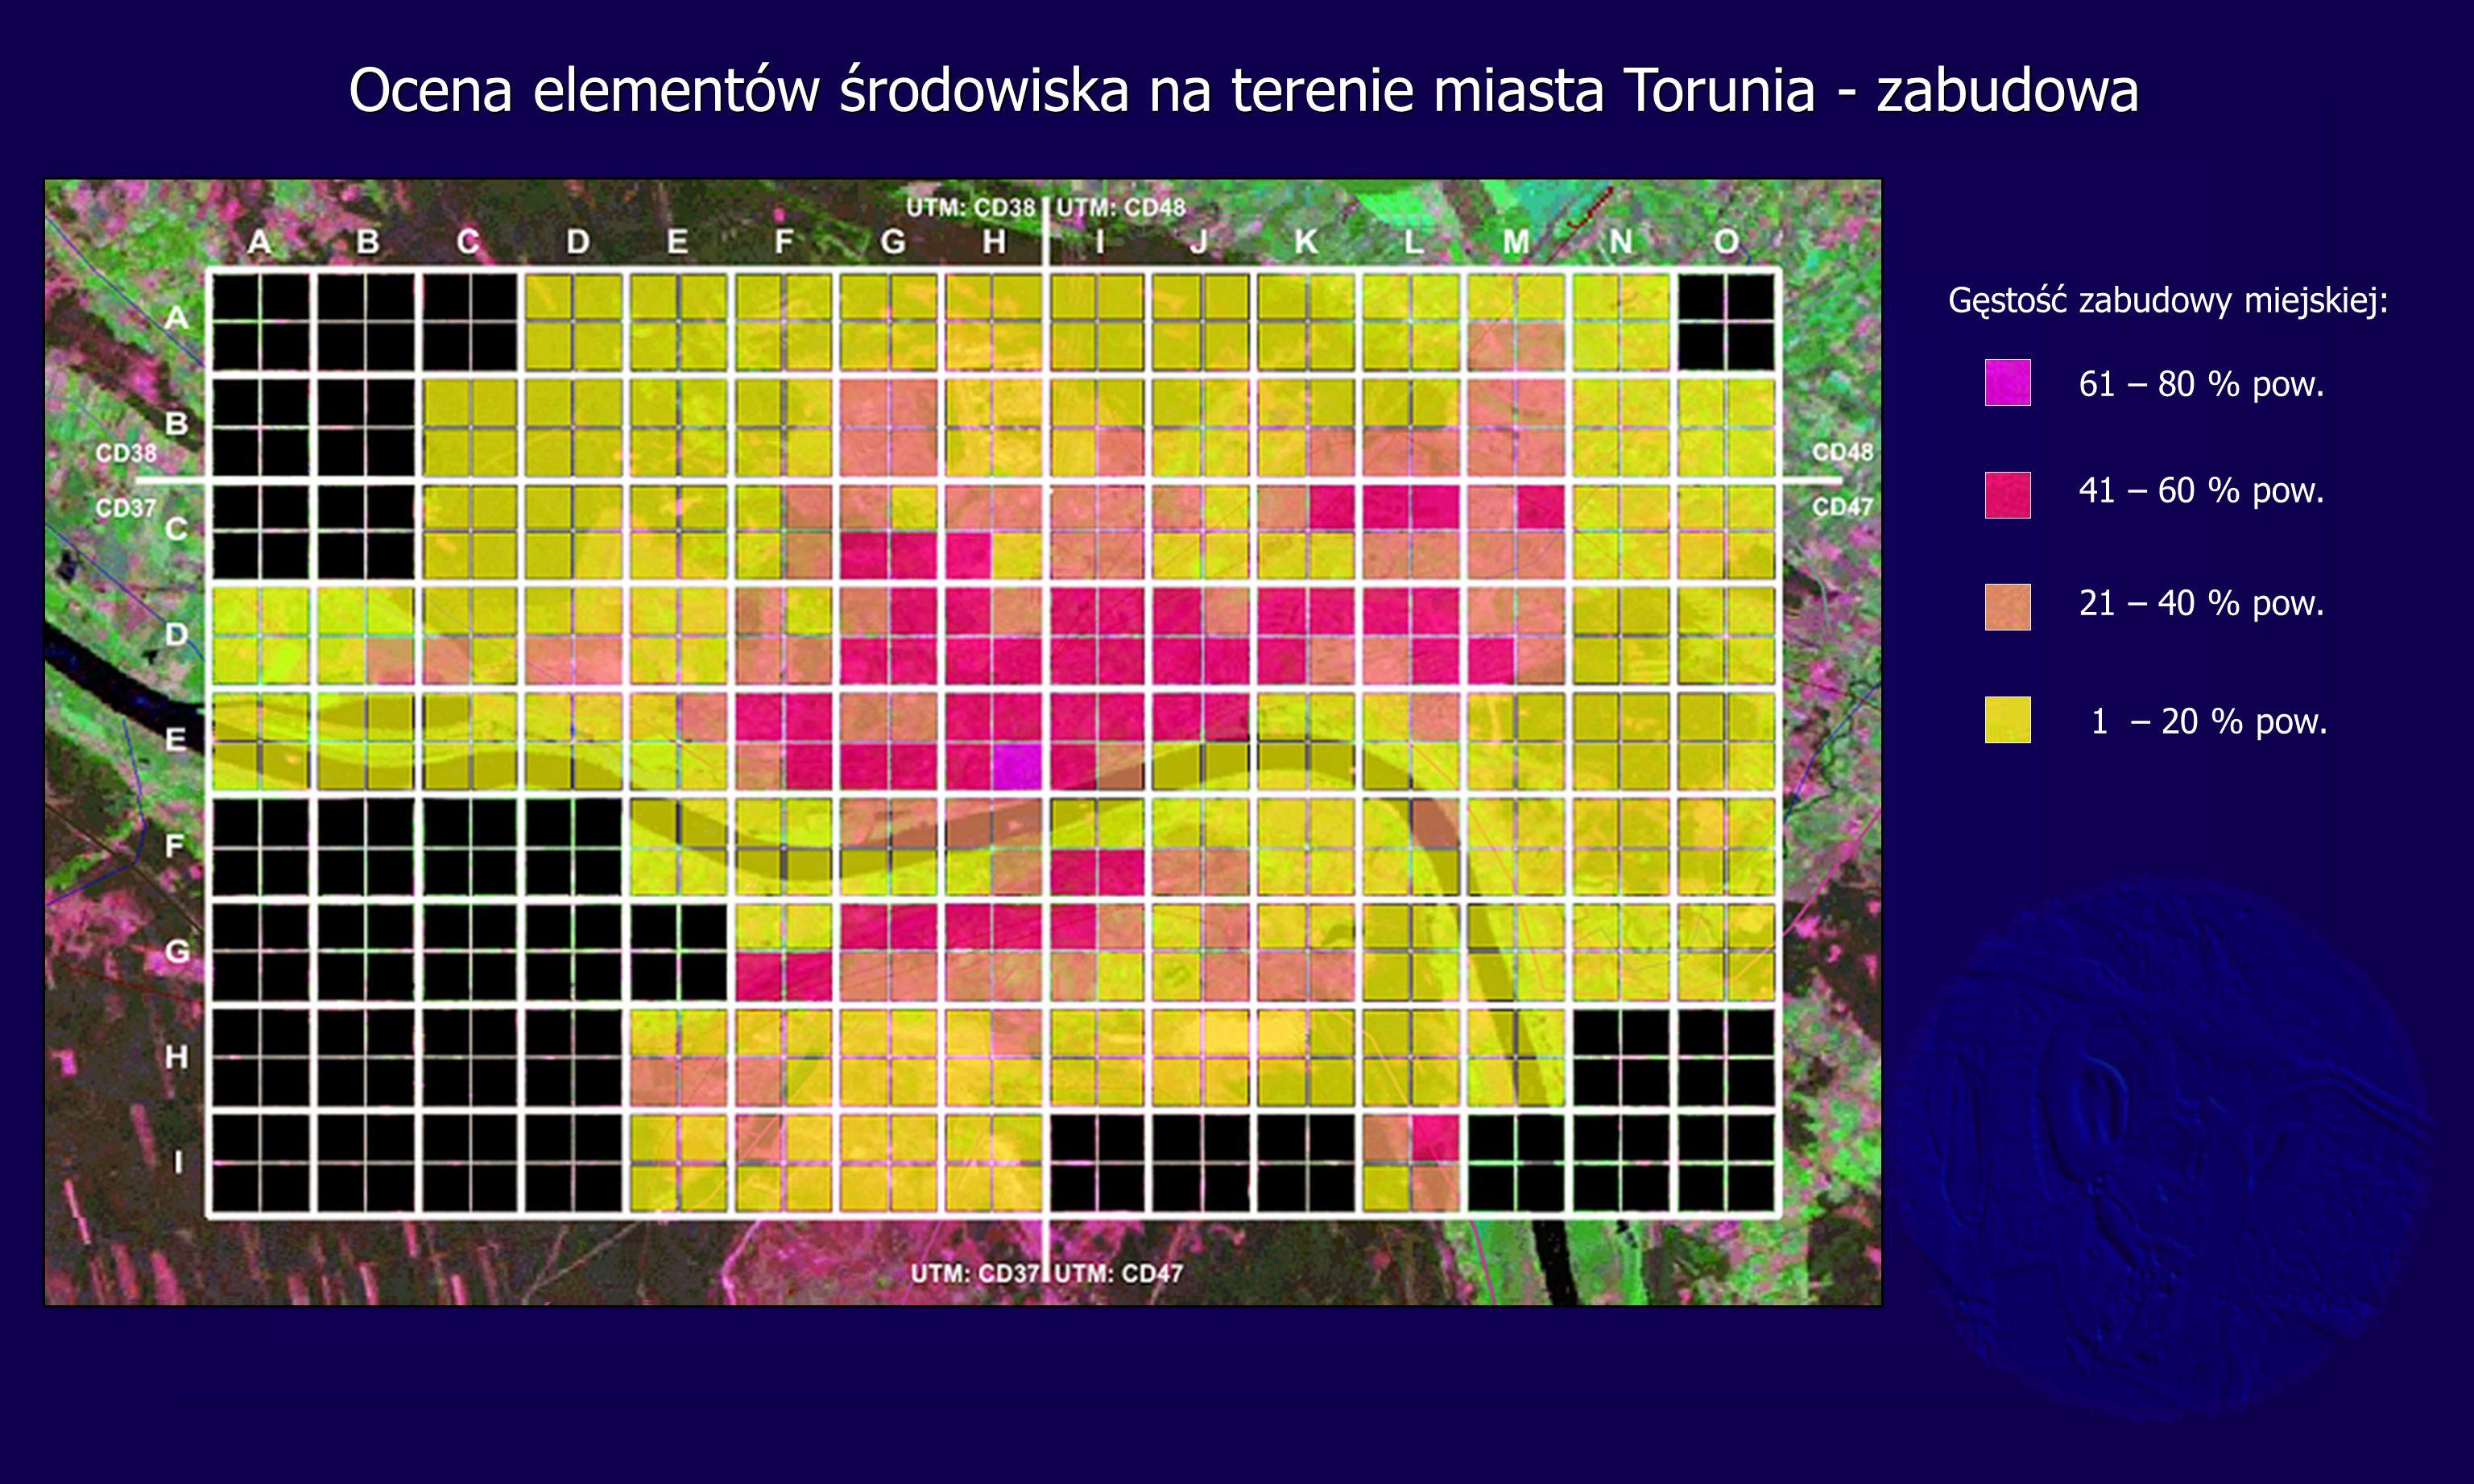 Gęstość zabudowy miejskiej: 61 – 80 % pow. 41 – 60 % pow. 21 – 40 % pow. 1 – 20 % pow. Ocena elementów środowiska na terenie miasta Torunia - zabudowa